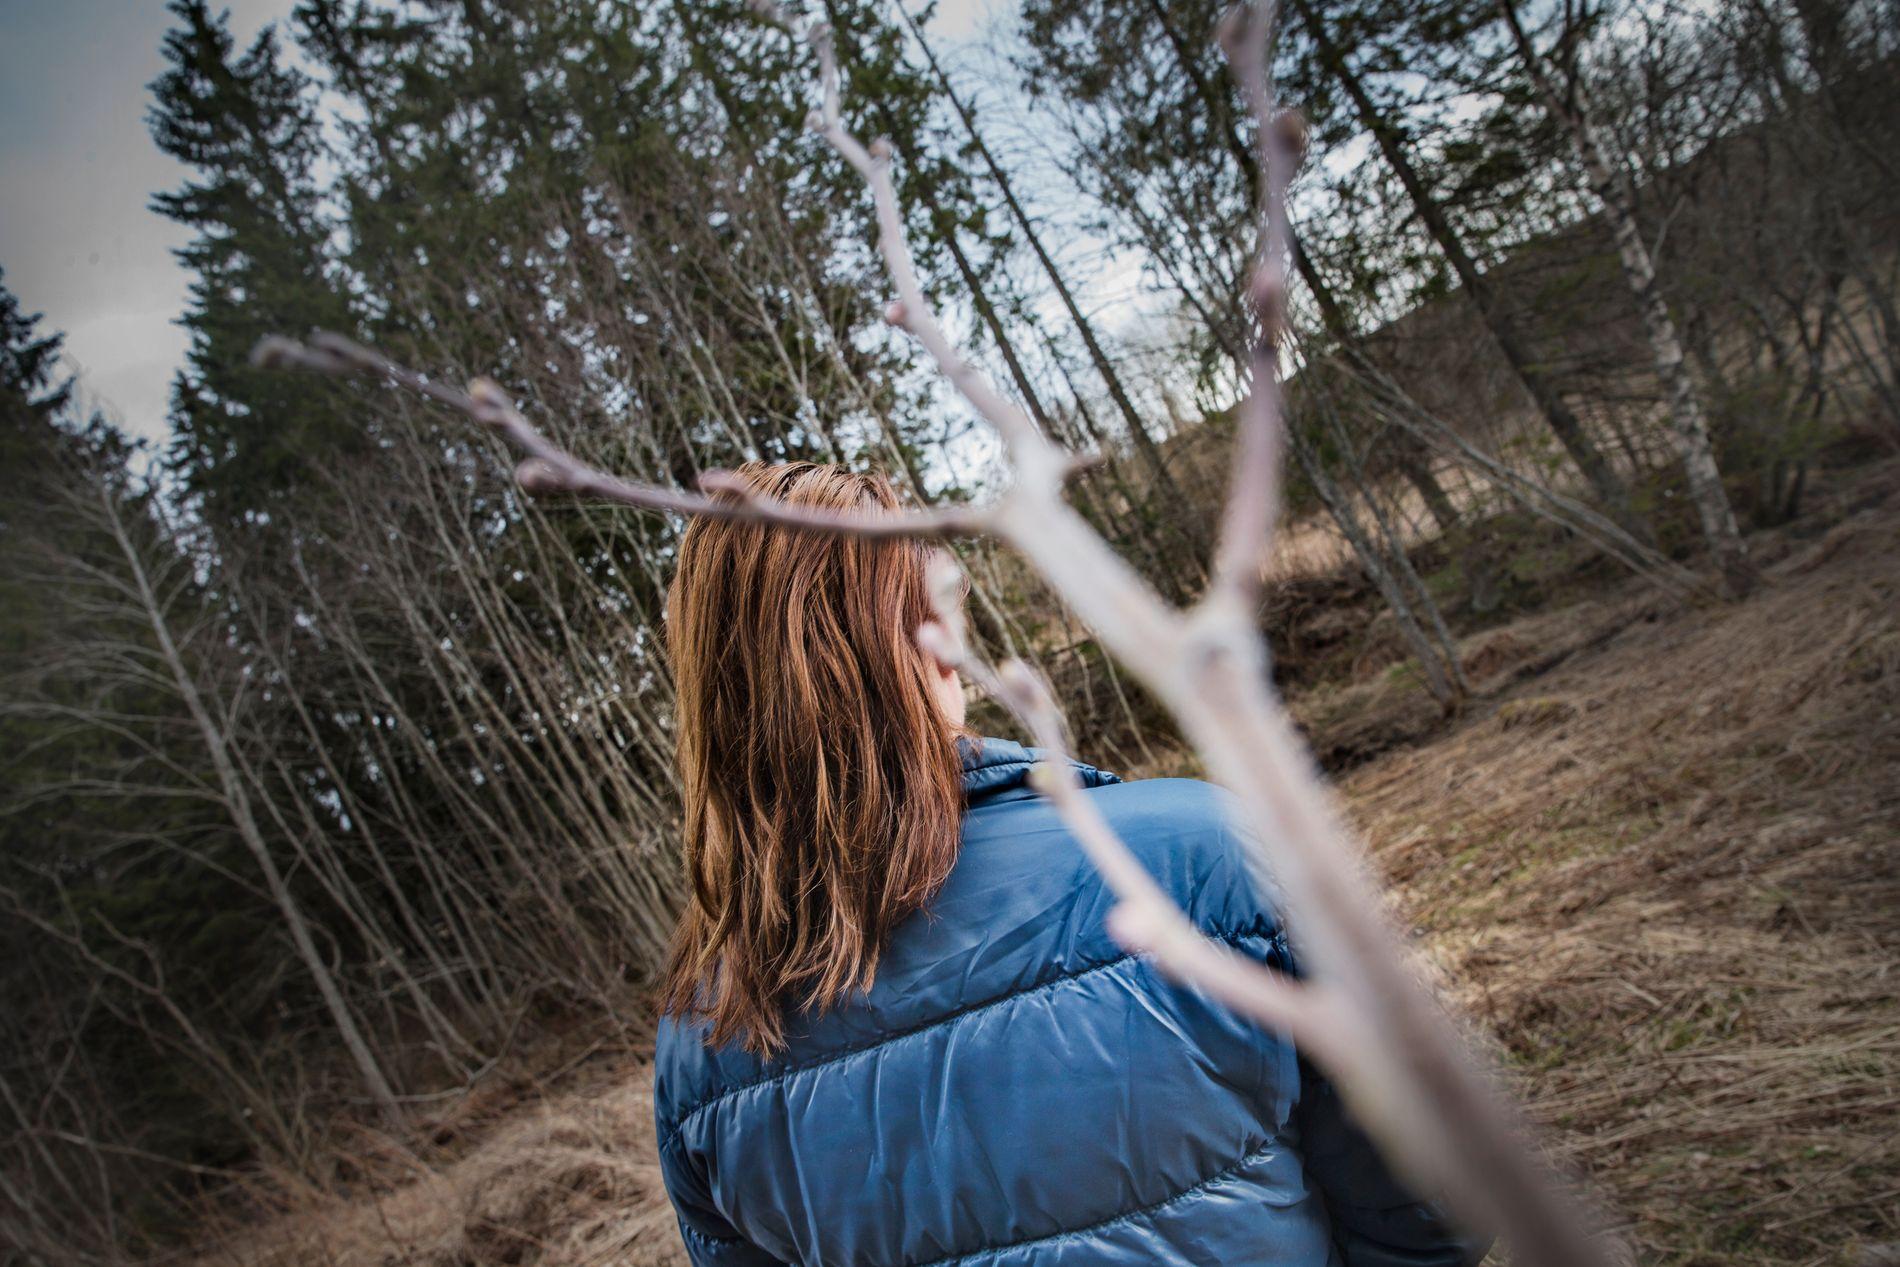 FØLTE SEG IKKE HØRT: Trondheimskvinnen, som tapte erstatningssøksmålet hun reiste mot Gjensidige i 2011, er ikke fornøyd med behandlingen av saken.